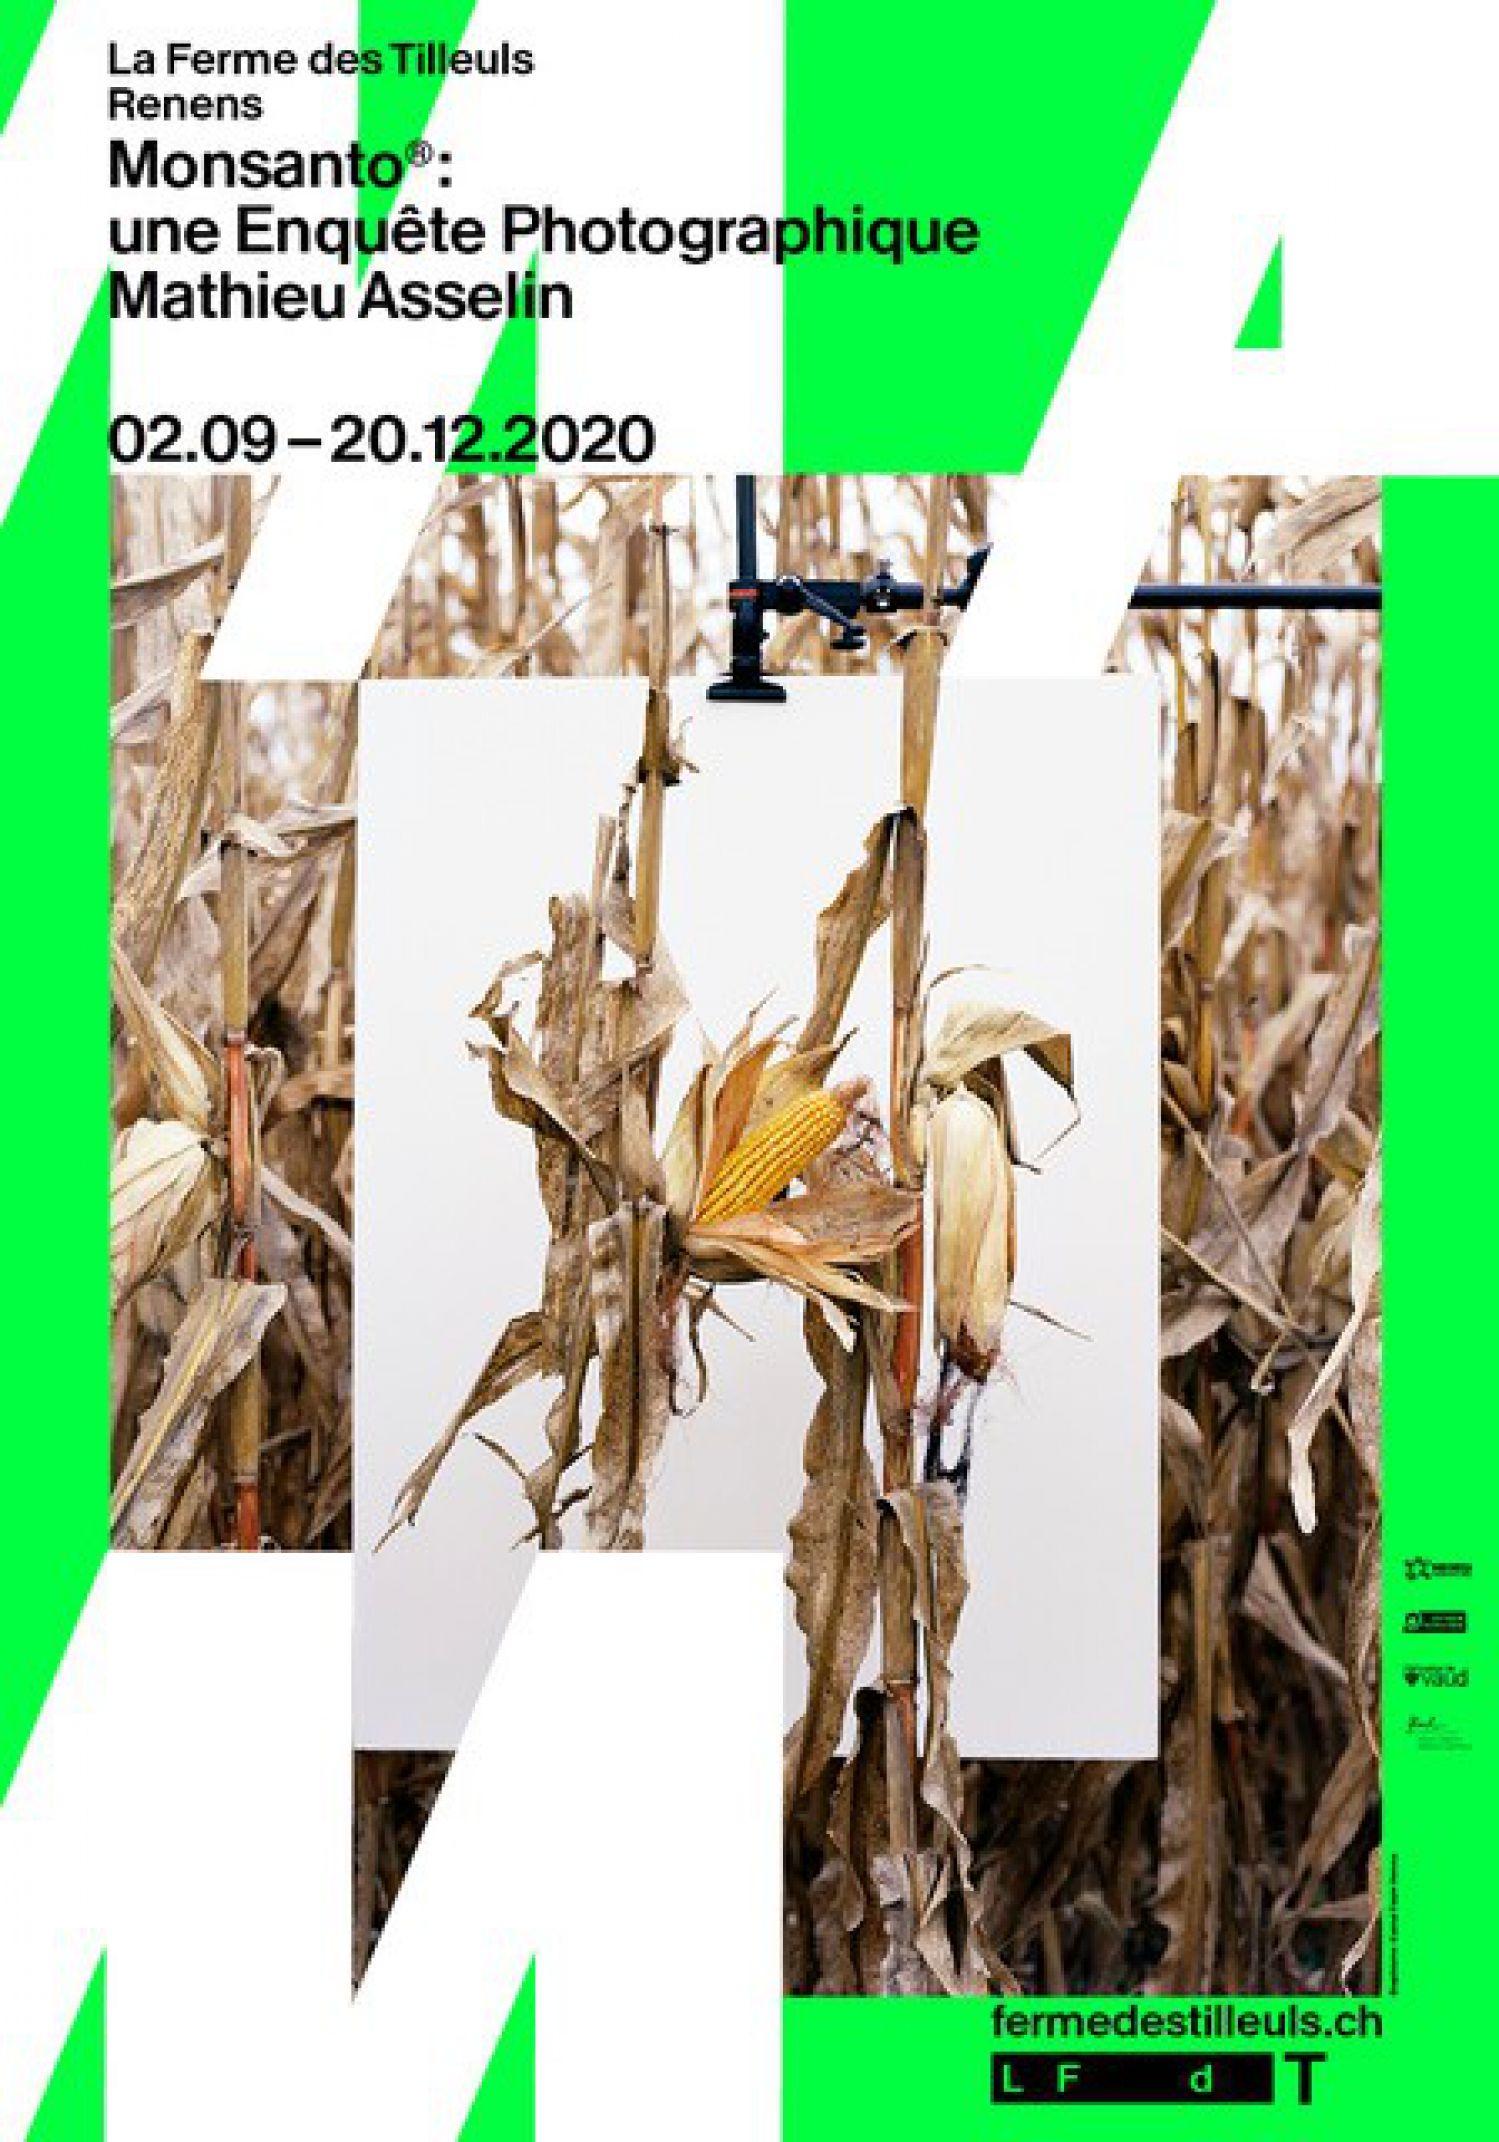 Exposition Monsanto, une Enquête photographique